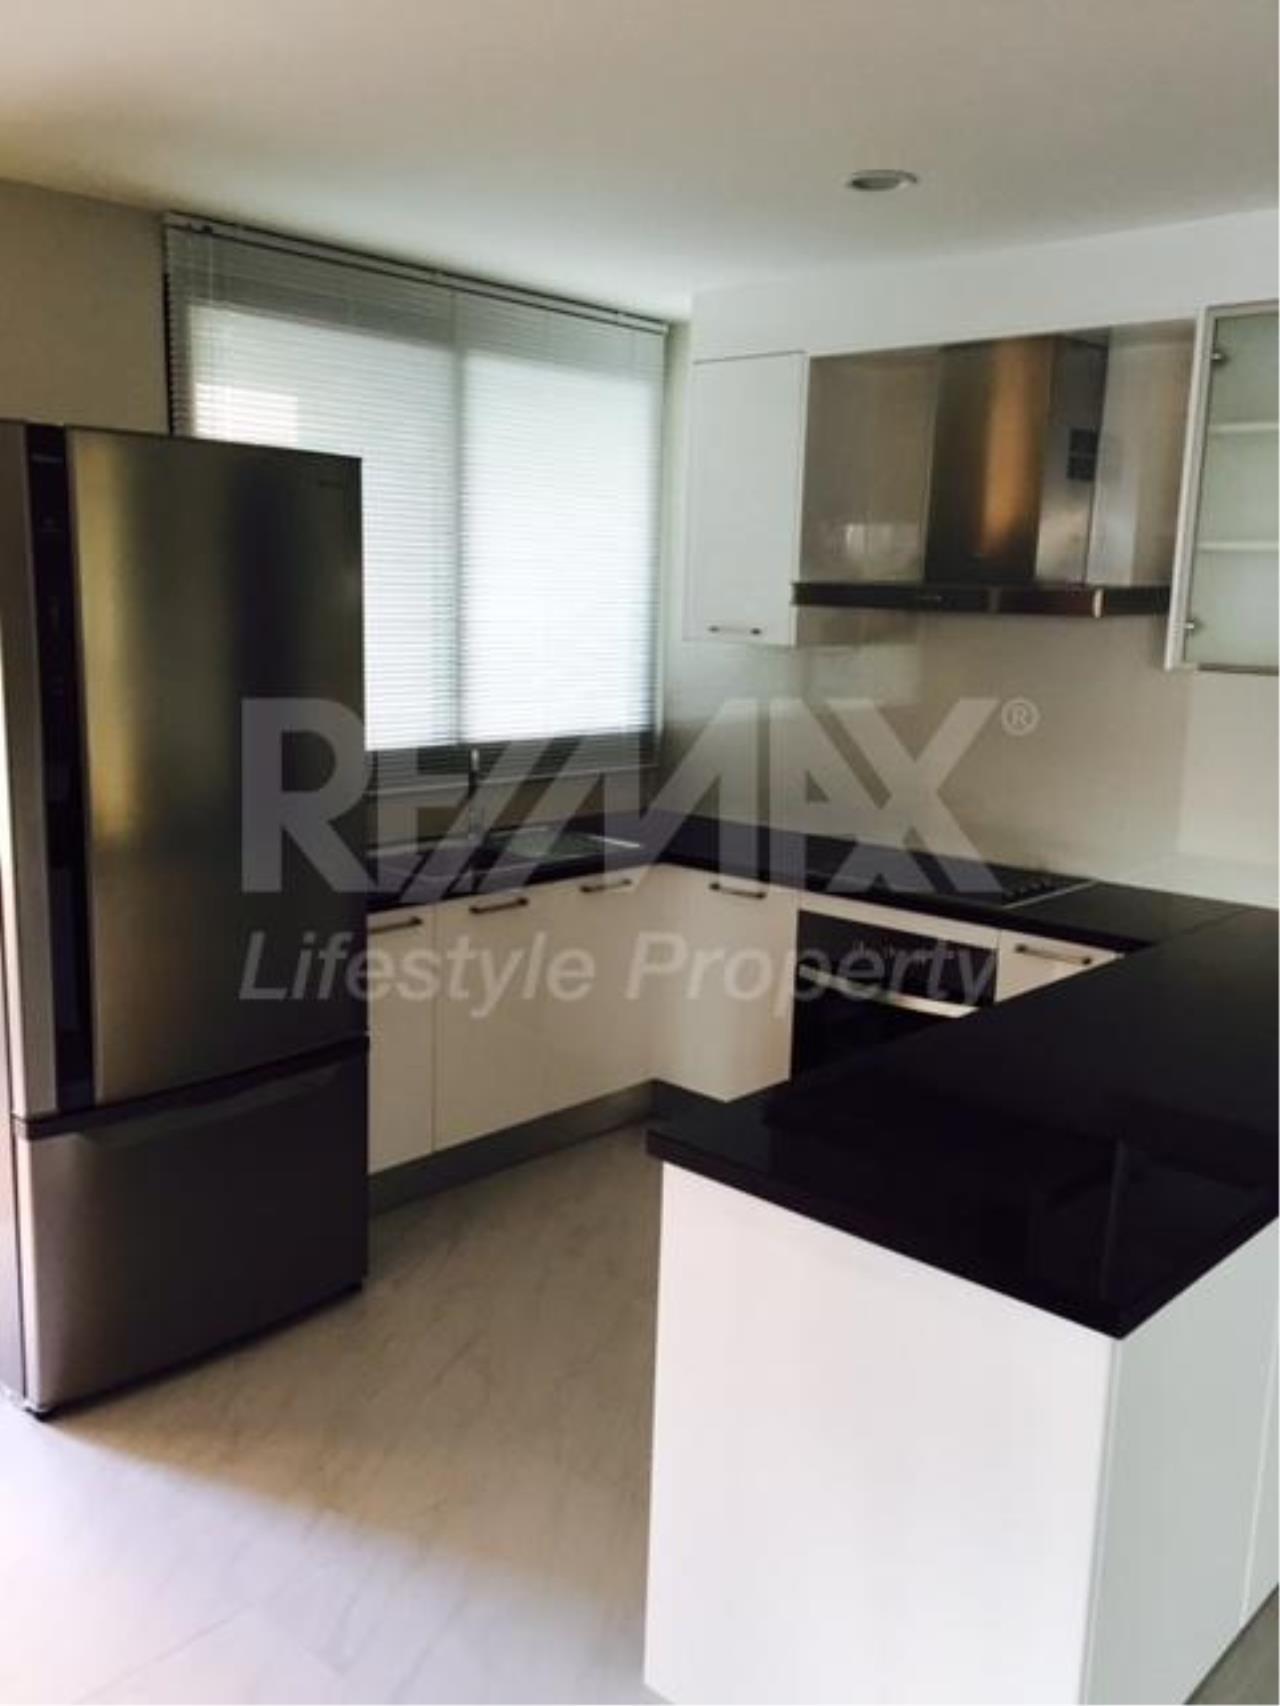 RE/MAX LifeStyle Property Agency's 459 Ekkamai 6